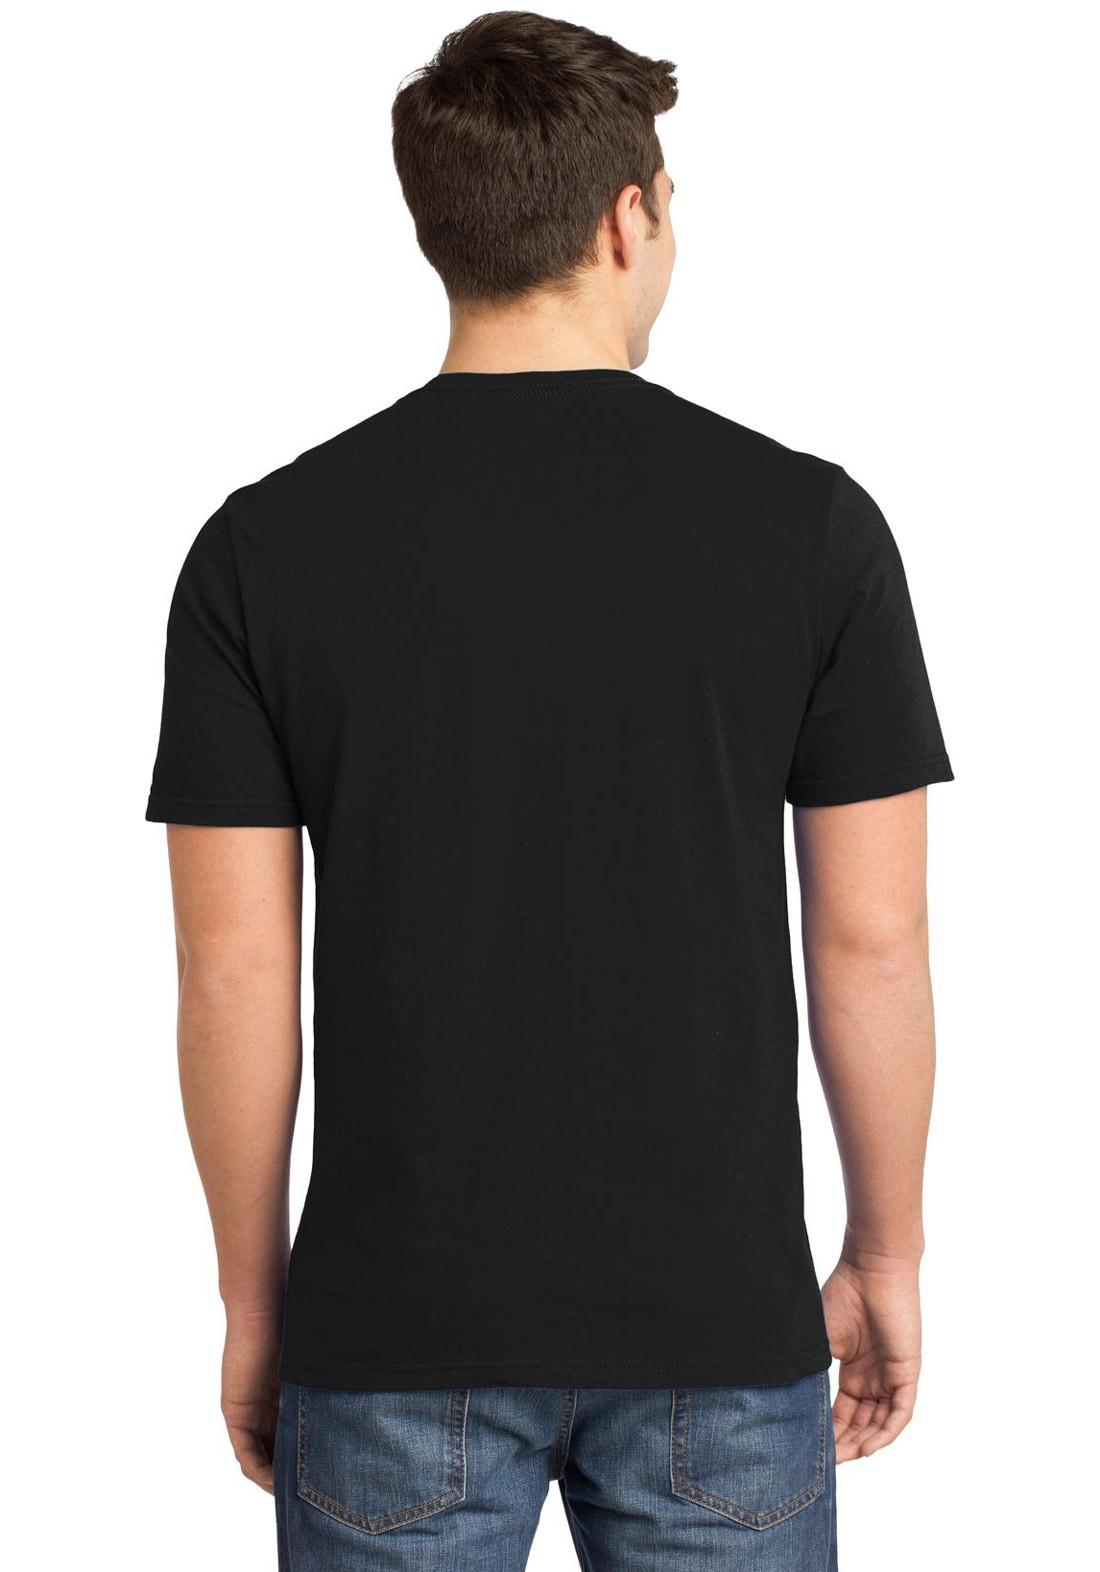 Camiseta Masculina Universitária Faculdade Medicina Veterinária